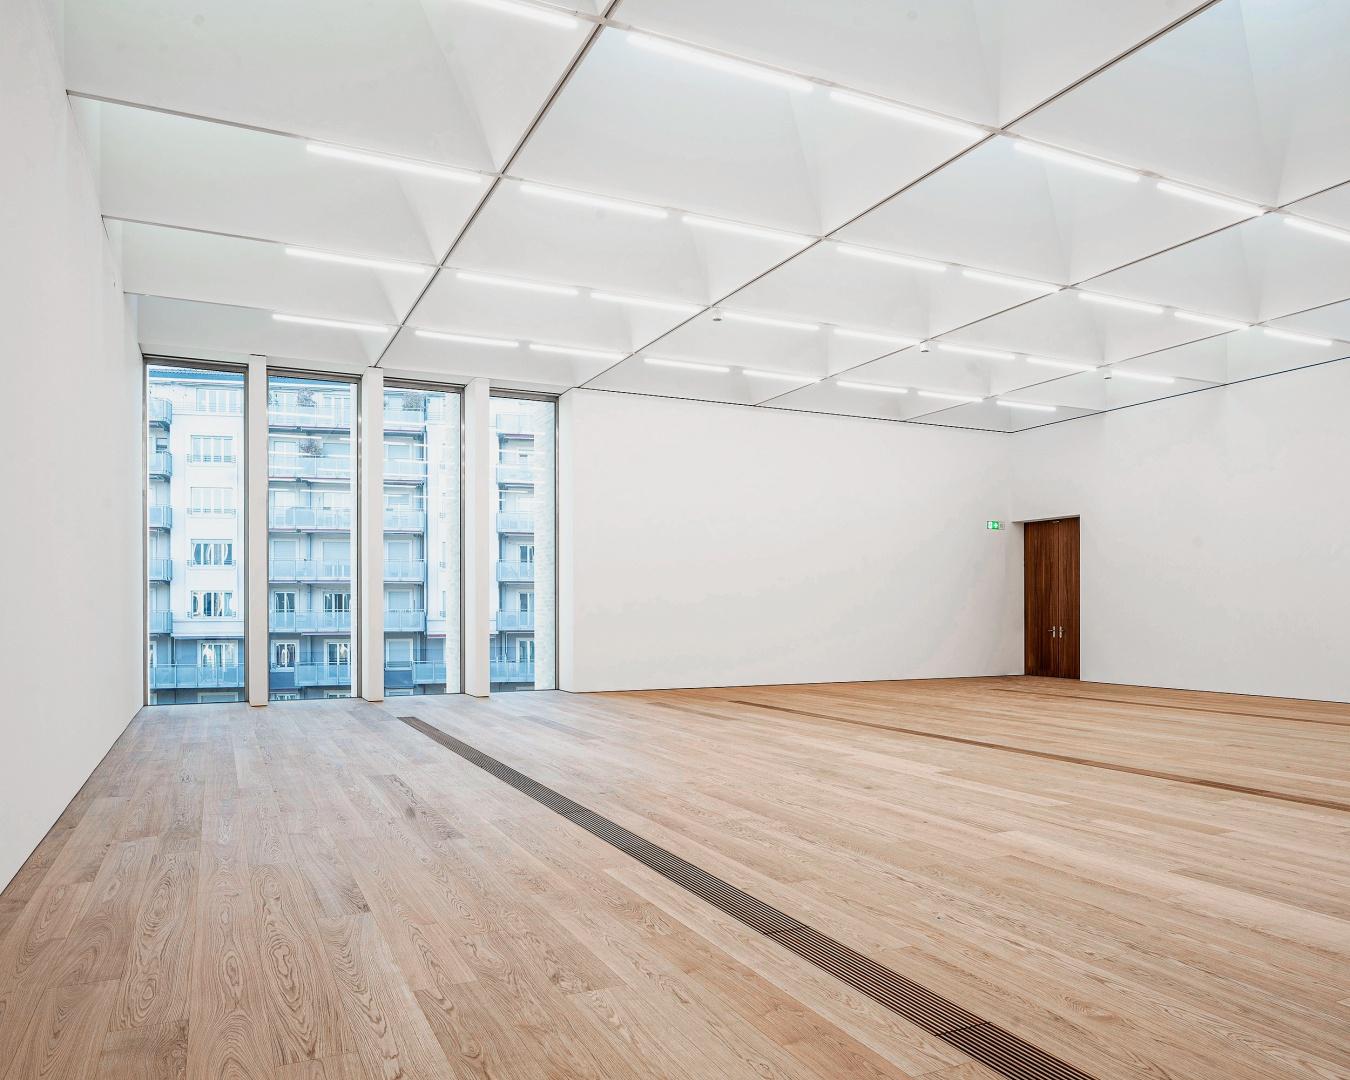 Im Erdgeschoss des  Gebäudes beherbergt das Museum die Sammlung  Félix Vallotton und die  Toms Pauli Stiftung. In  den Obergeschossen, in  den beiden symmetrischen Flügeln, befinden sich  die Räume für die Aus- stellungen. © Matthieu Gafsou